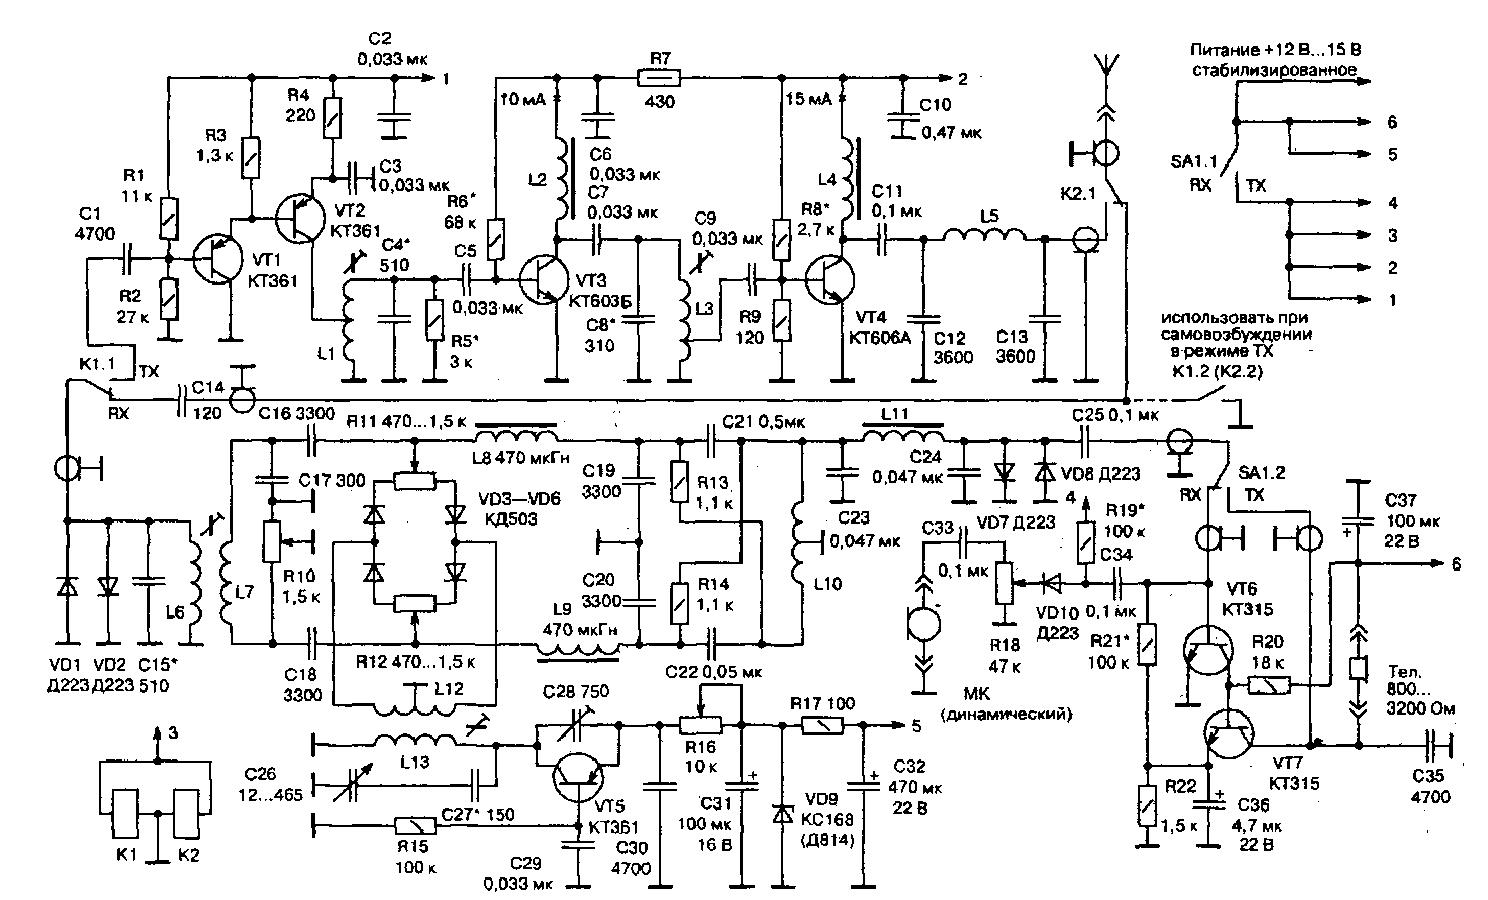 Самый простой трансивер своими руками 80